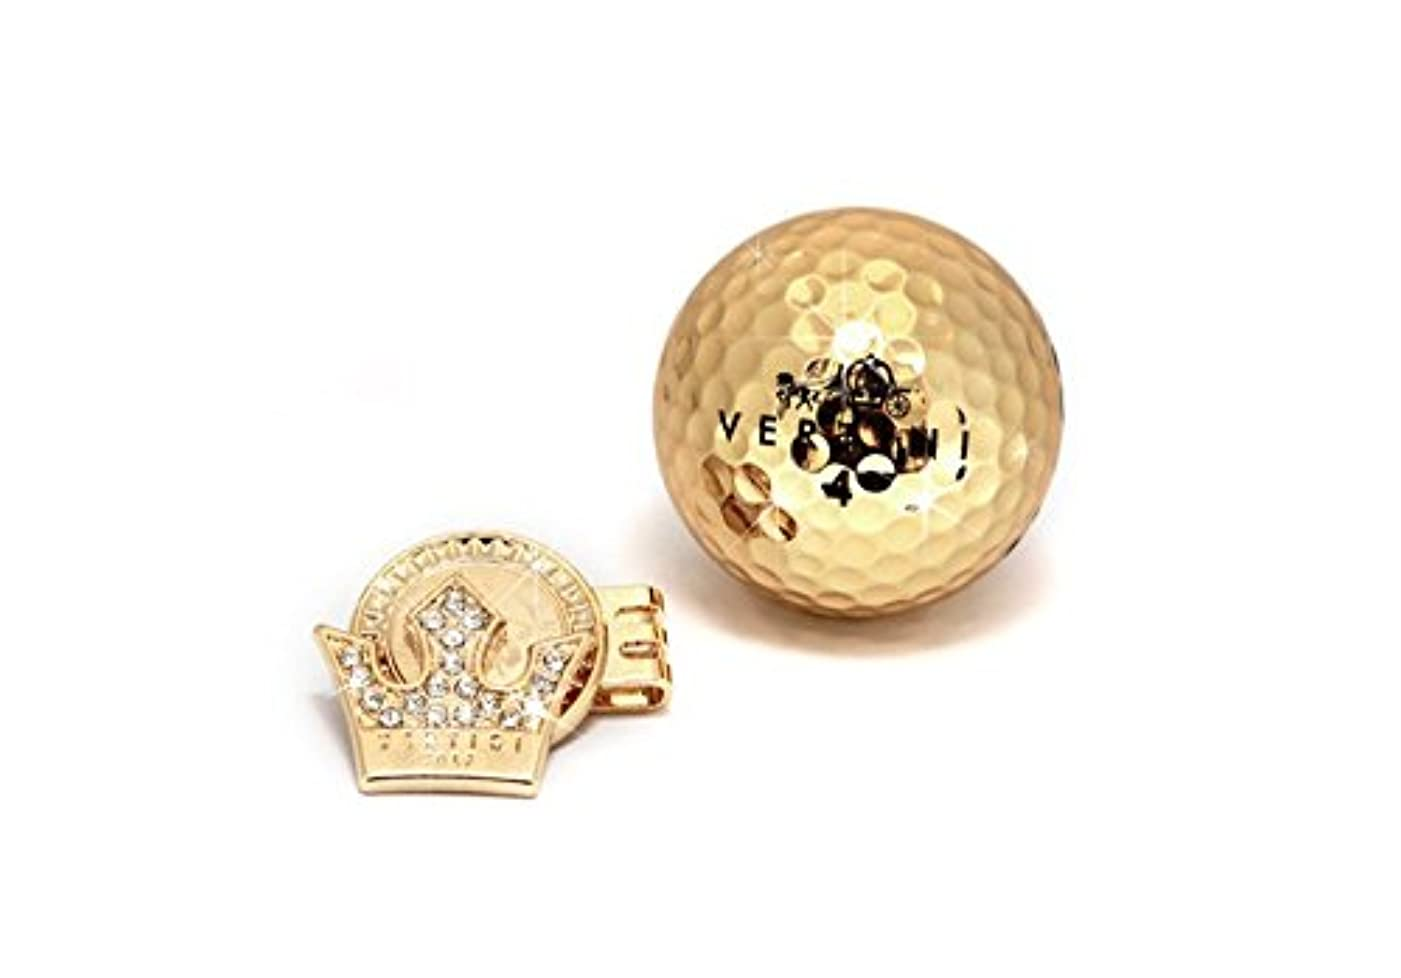 陽気なバスタブ通訳Vertini 1つのゴールド高い可視性の距離ゴルフボール+ 1ゴールドボールマーカー+ 1クリップセット [並行輸入品]